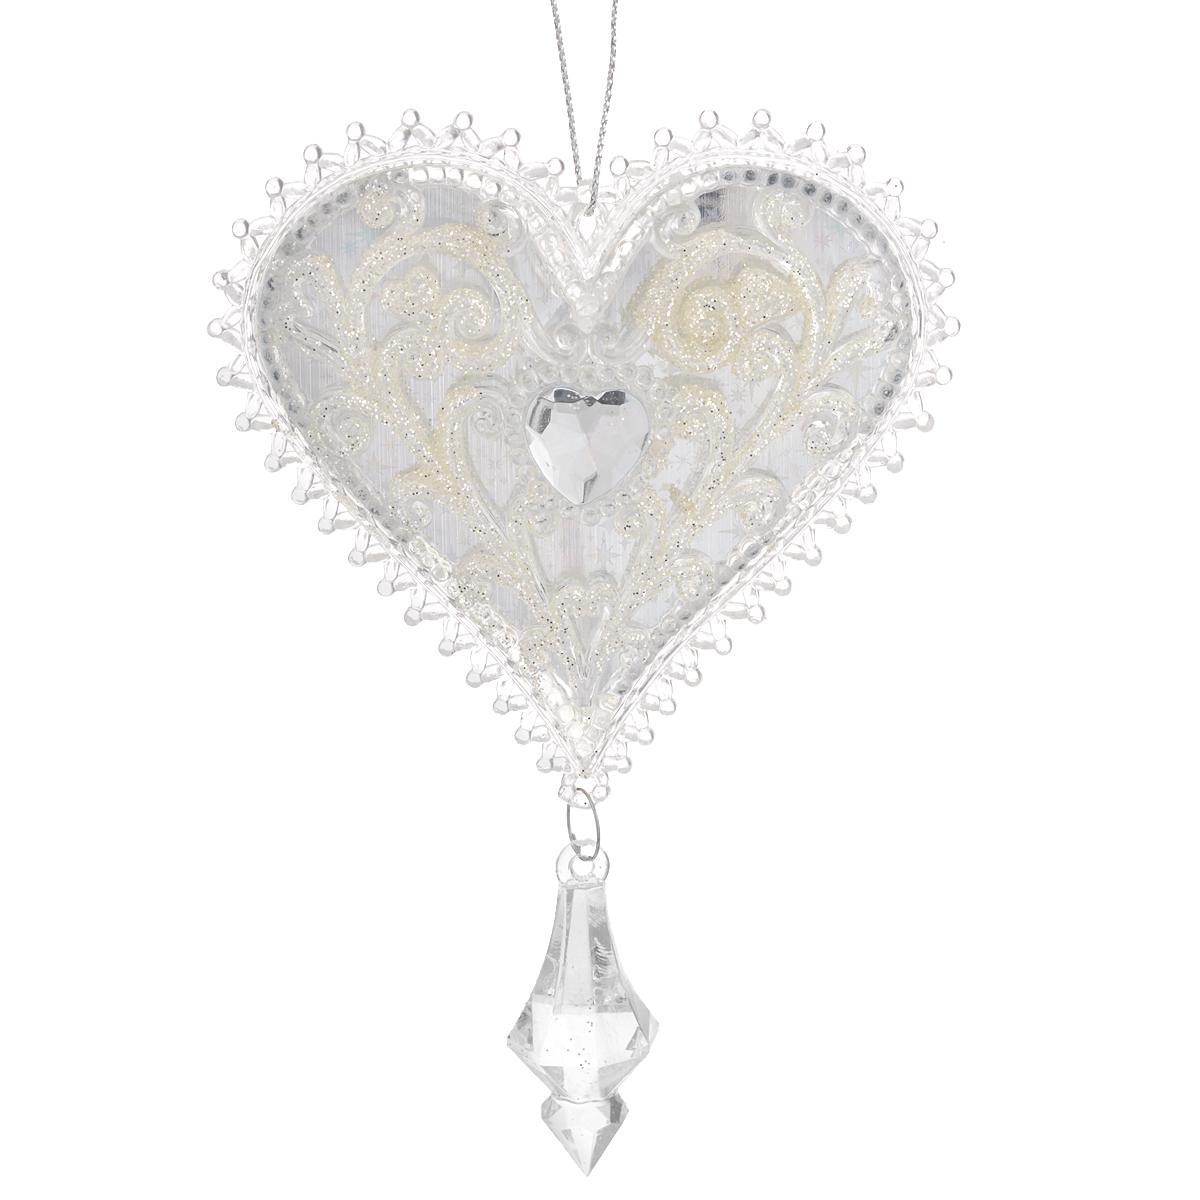 Новогоднее подвесное украшение Сердце, цвет: белый. 3503035030Оригинальное новогоднее украшение из пластика прекрасно подойдет для праздничного декора дома и новогодней ели. Изделие крепится на елку с помощью металлического зажима.